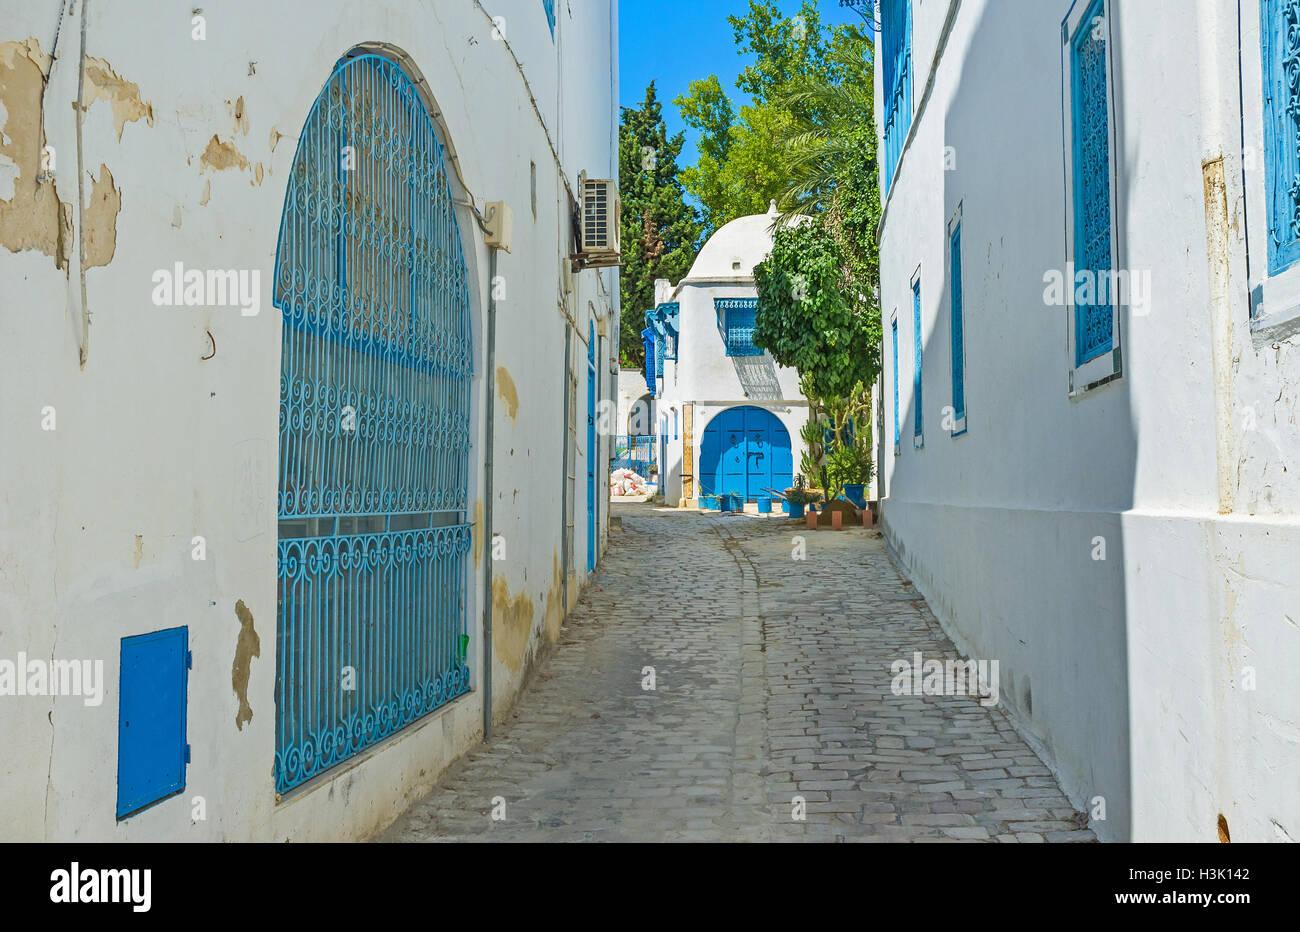 La Sidi Bou Said pour typic rue avec les maisons blanches, portes et fenêtres bleues, la Tunisie. Photo Stock